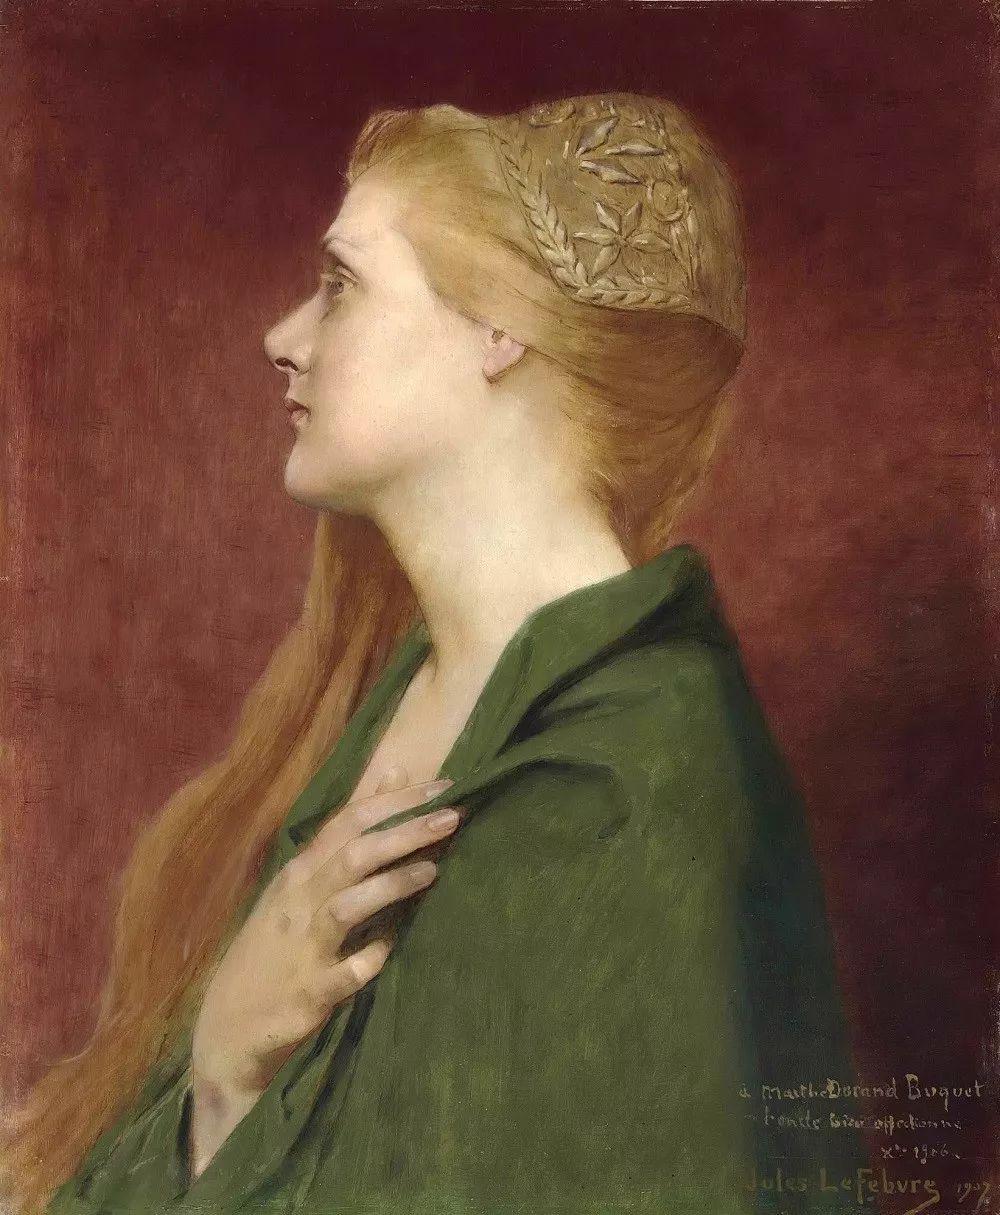 对不起,你的人像作品美到我了!法国学院派画家Jules Joseph Lefebvre插图45